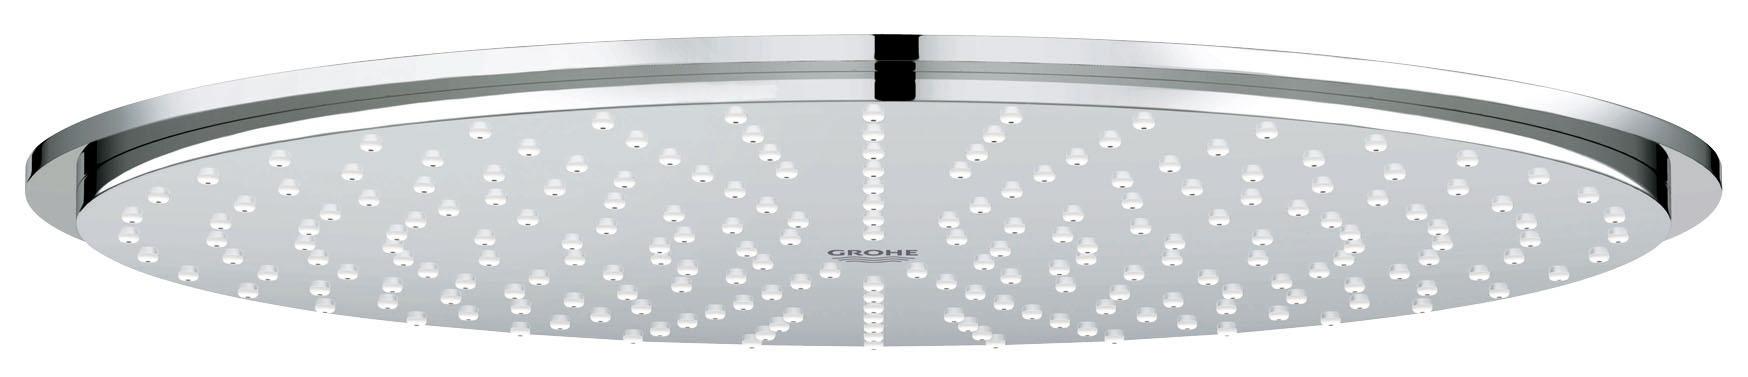 Верхний душ GROHE Rainshower (27477000)2555RainМеталлO 310 ммРезьбовое соединение 1/2?Шаровой шарнир с углом поворота 20° ± 20°С системой SpeedClean против известковых отложенийМожет использоваться с проточным водонагревателемGROHE StarLight хромированная поверхность GROHE DreamSpray превосходный поток воды